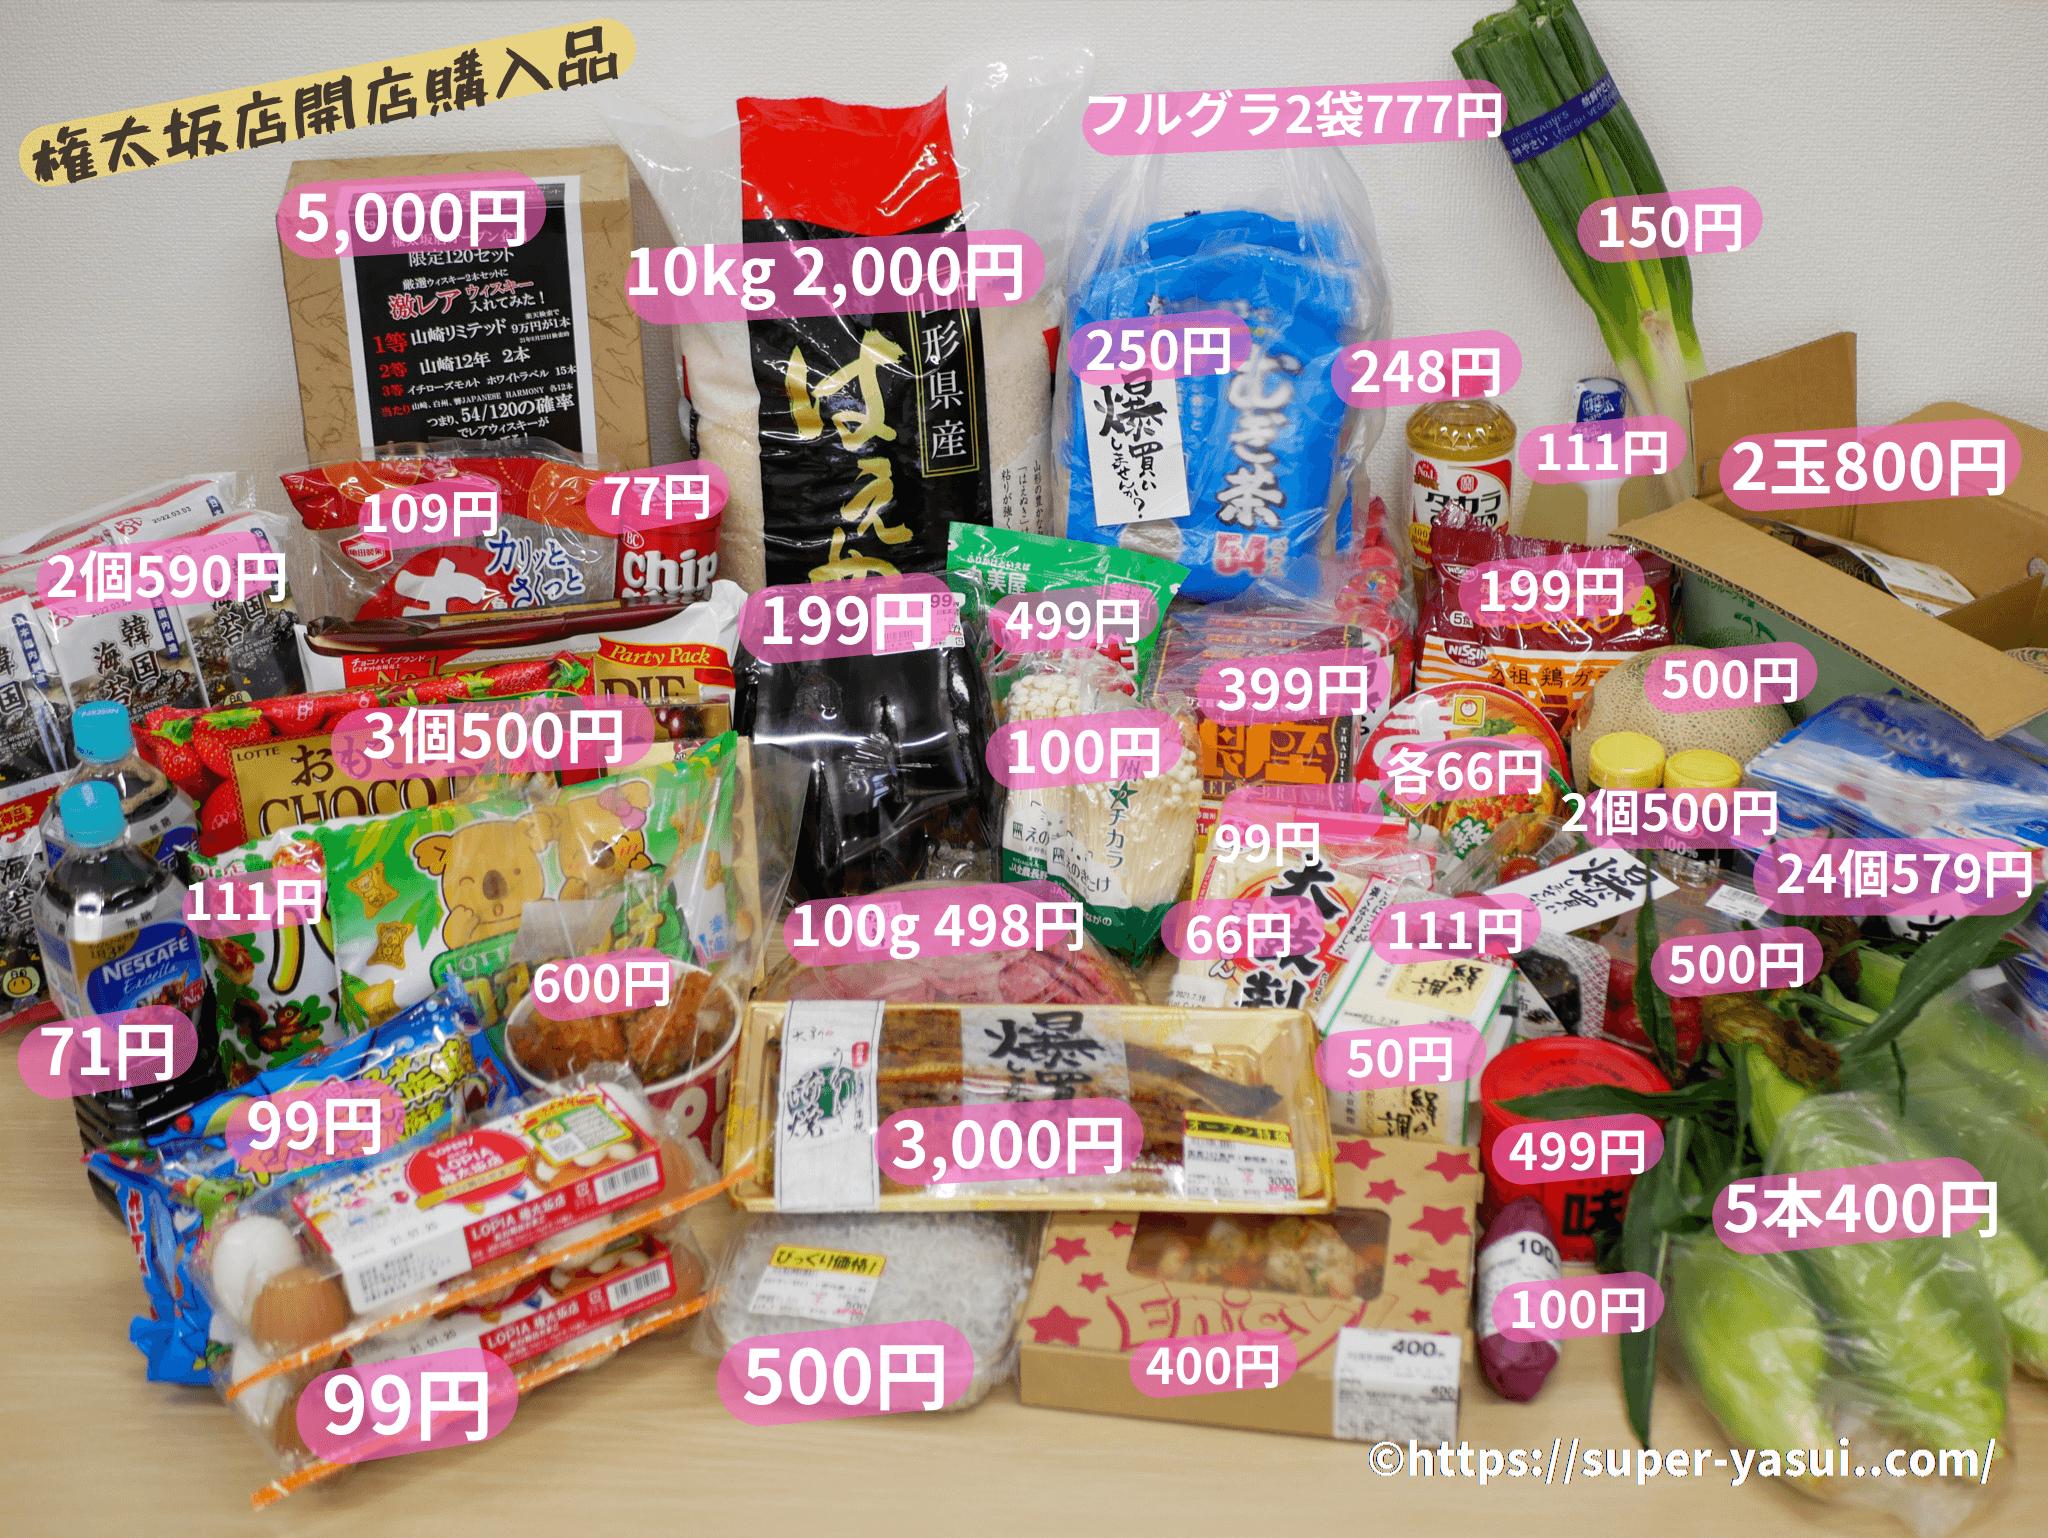 ロピア権太坂店オープンセール購入品